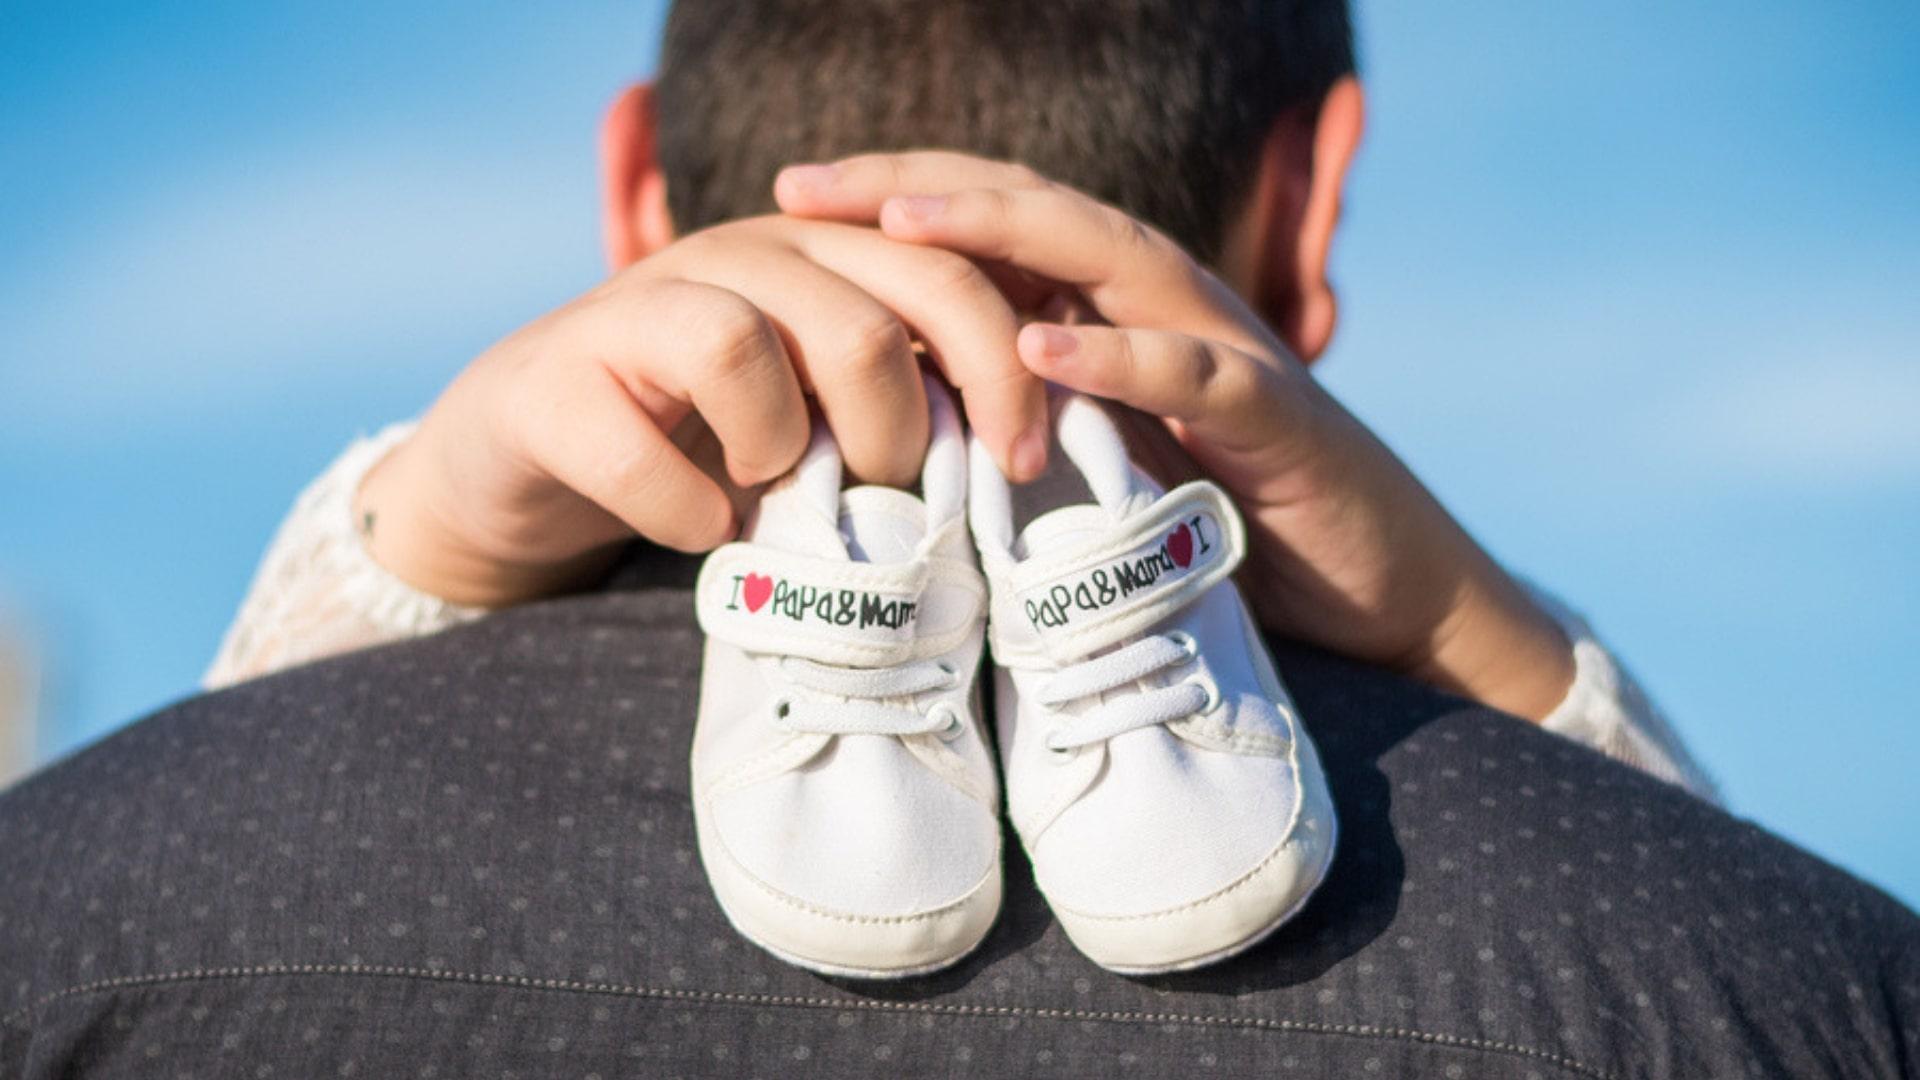 Mitteilen schwangerschaft mann Schwangerschaft verkünden